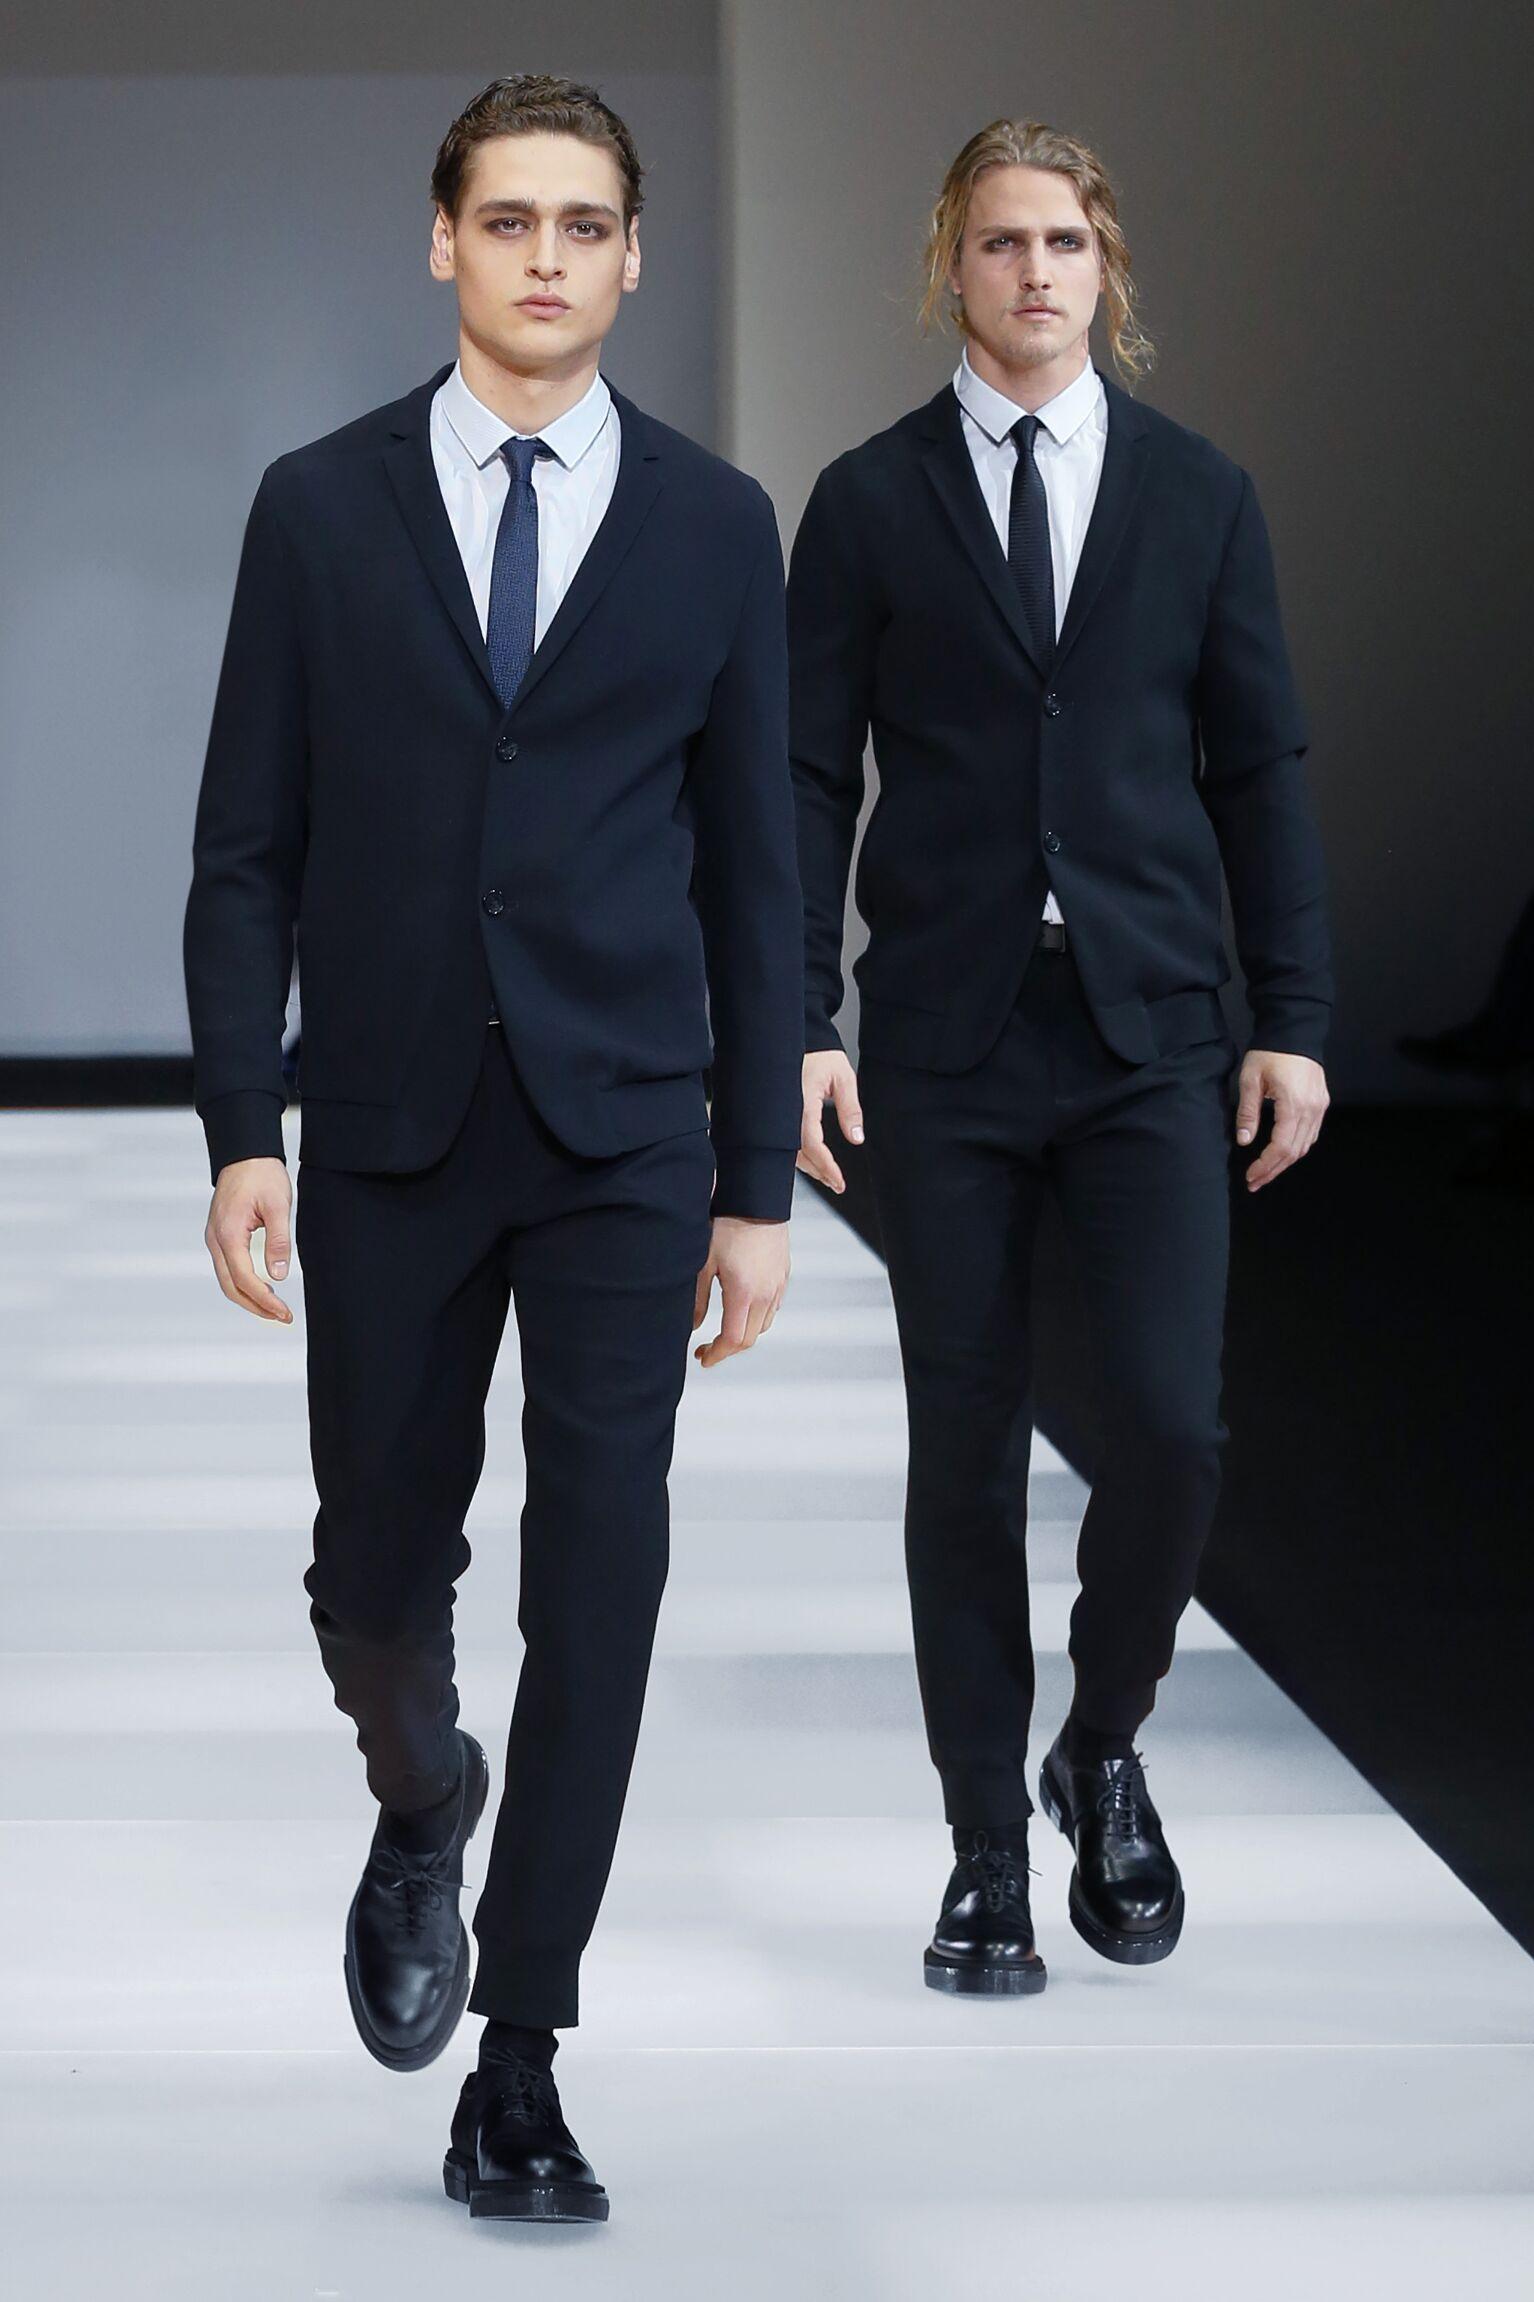 Autumn Emporio Armani Collection Fashion Man